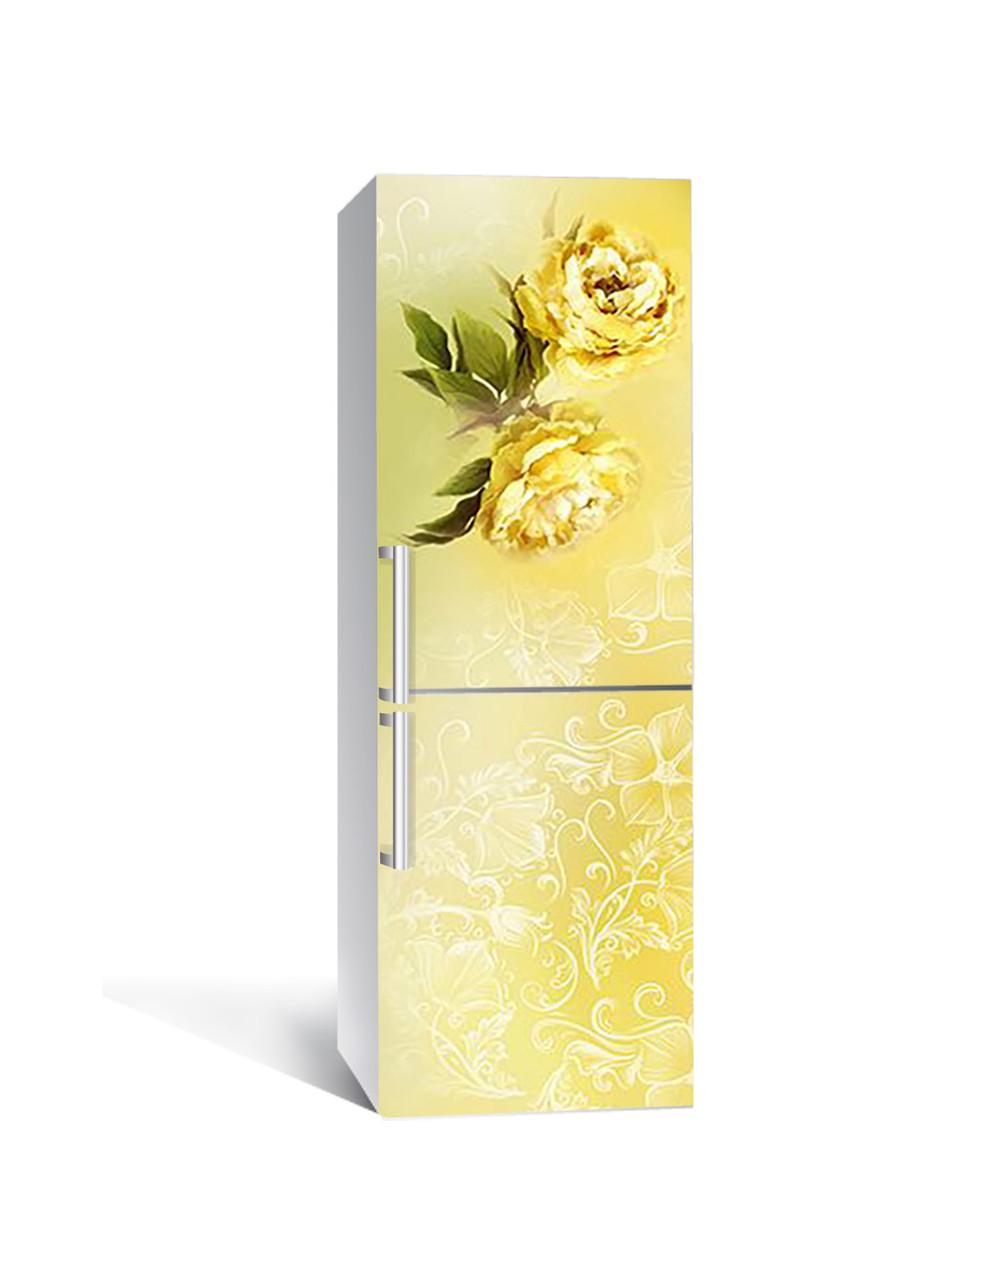 Декор 3Д наклейка на холодильник Желтые розы орнамент (пленка ПВХ с ламинацией) 65*200см Цветы Желтый